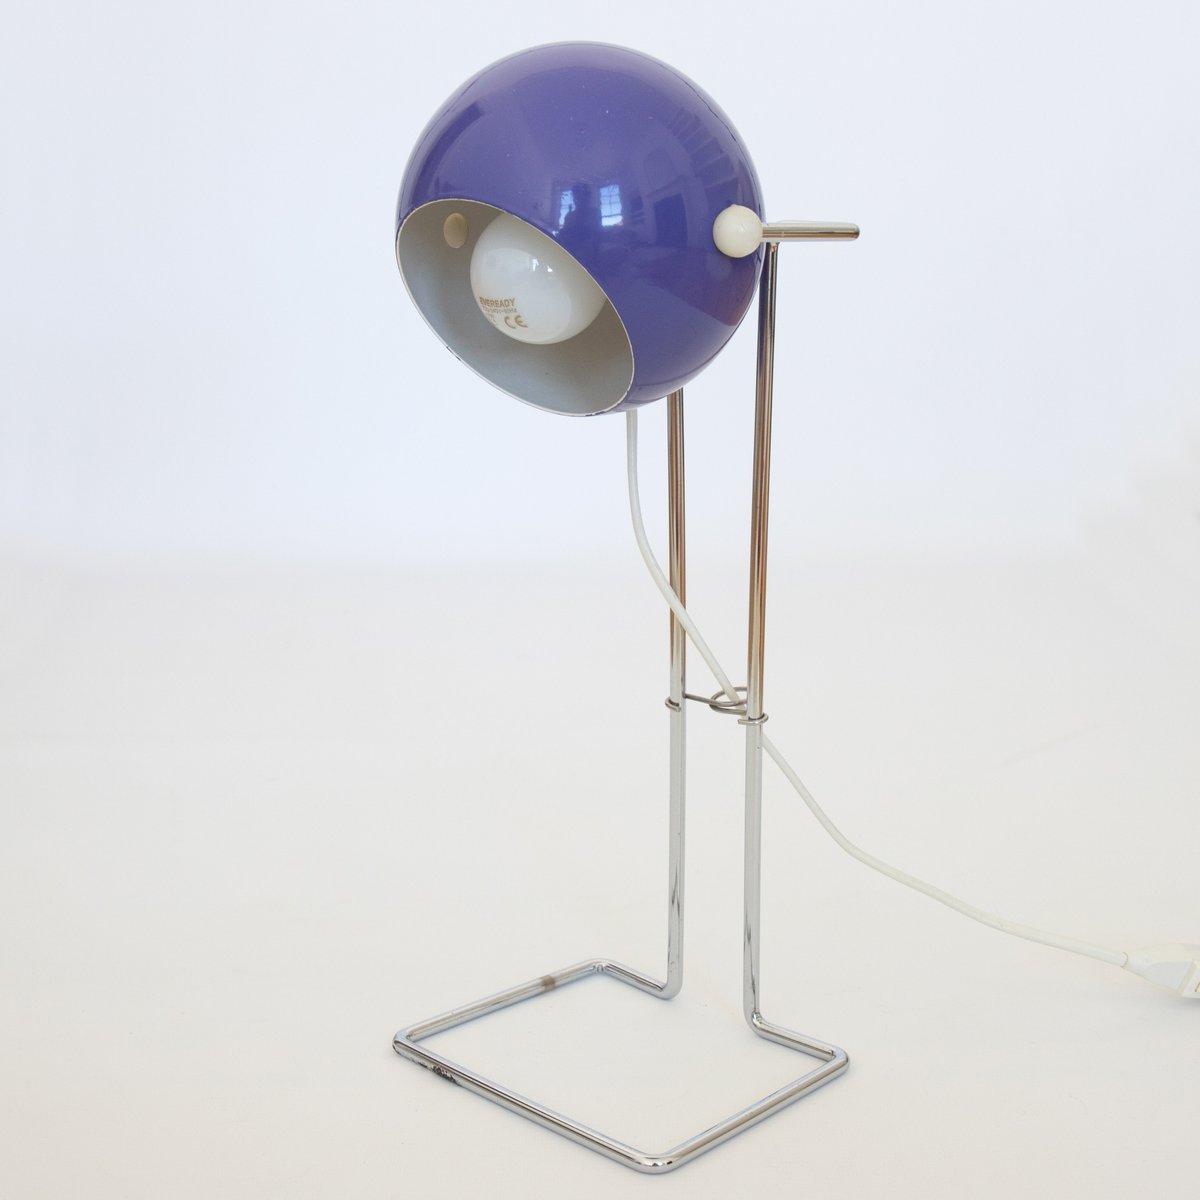 Dänische Pop Art Bubble Lampe in Lile von P Bosque für Abo Randers, 19...